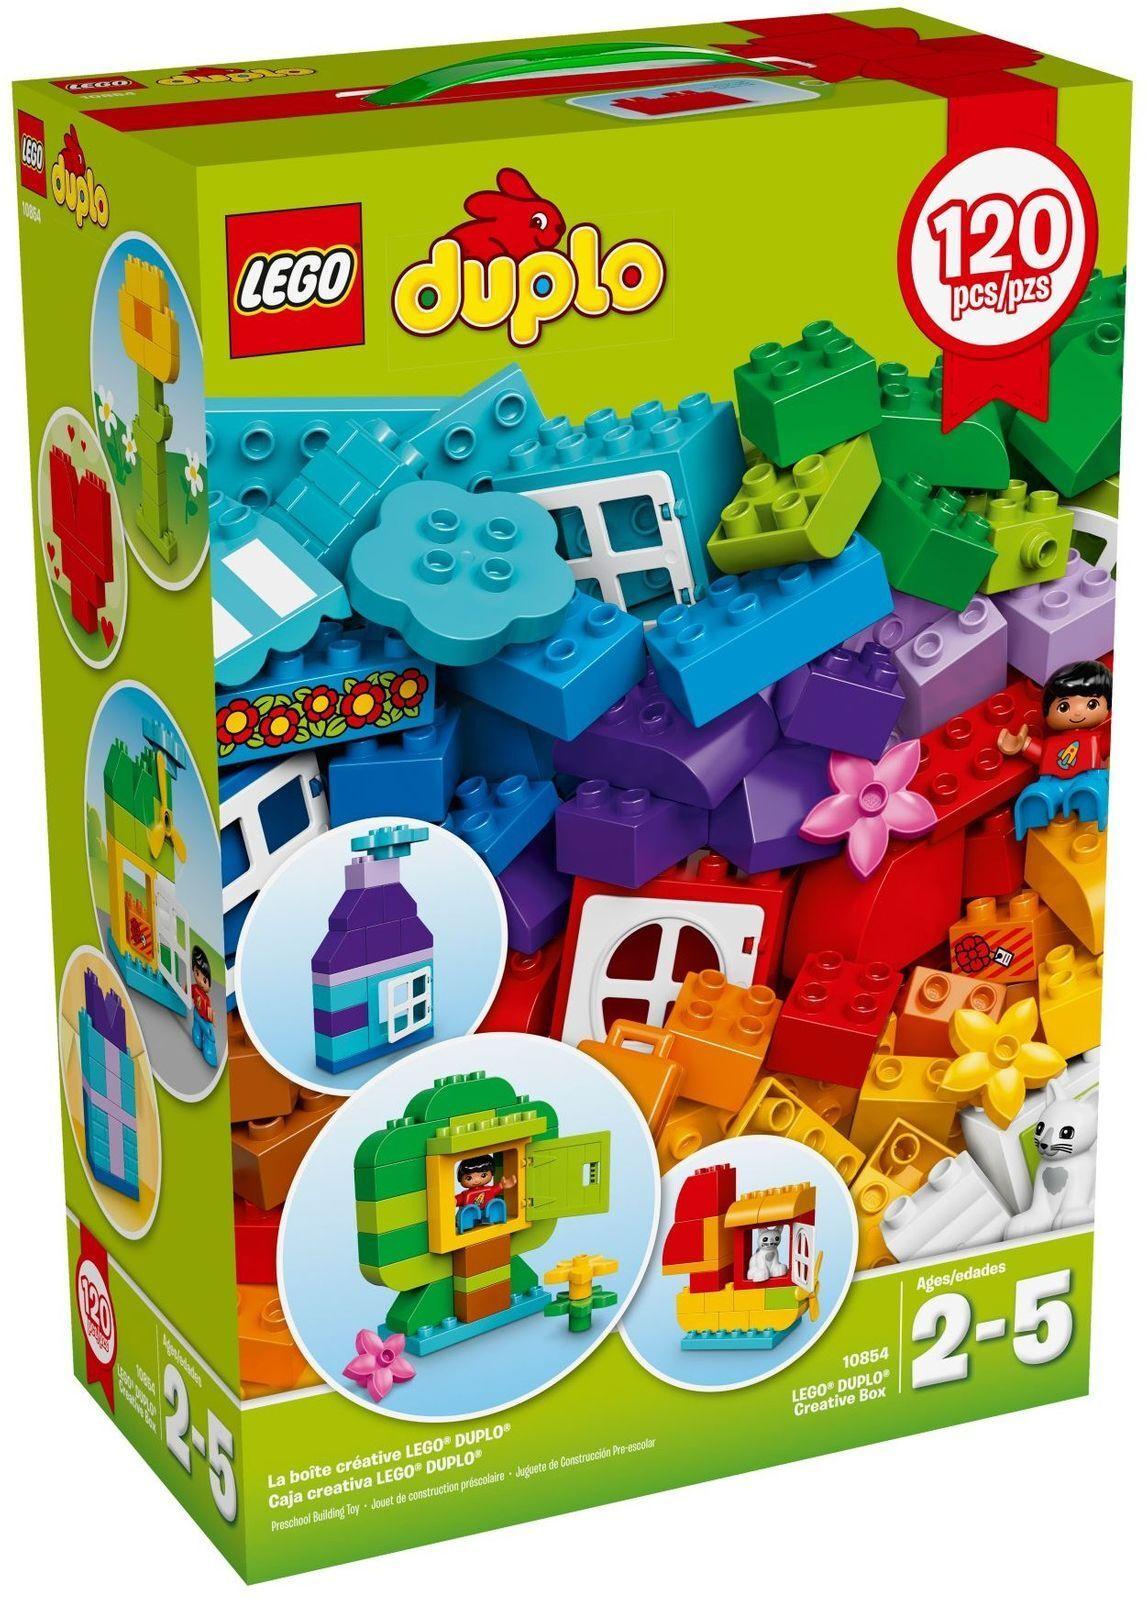 LEGO ® DUPLO ® 10854 créatif-Steinebox Nouveau neuf dans  sa boîte _ Creative Box nouveau En parfait état, dans sa boîte scellée Boîte d'origine jamais ouverte  qualité garantie